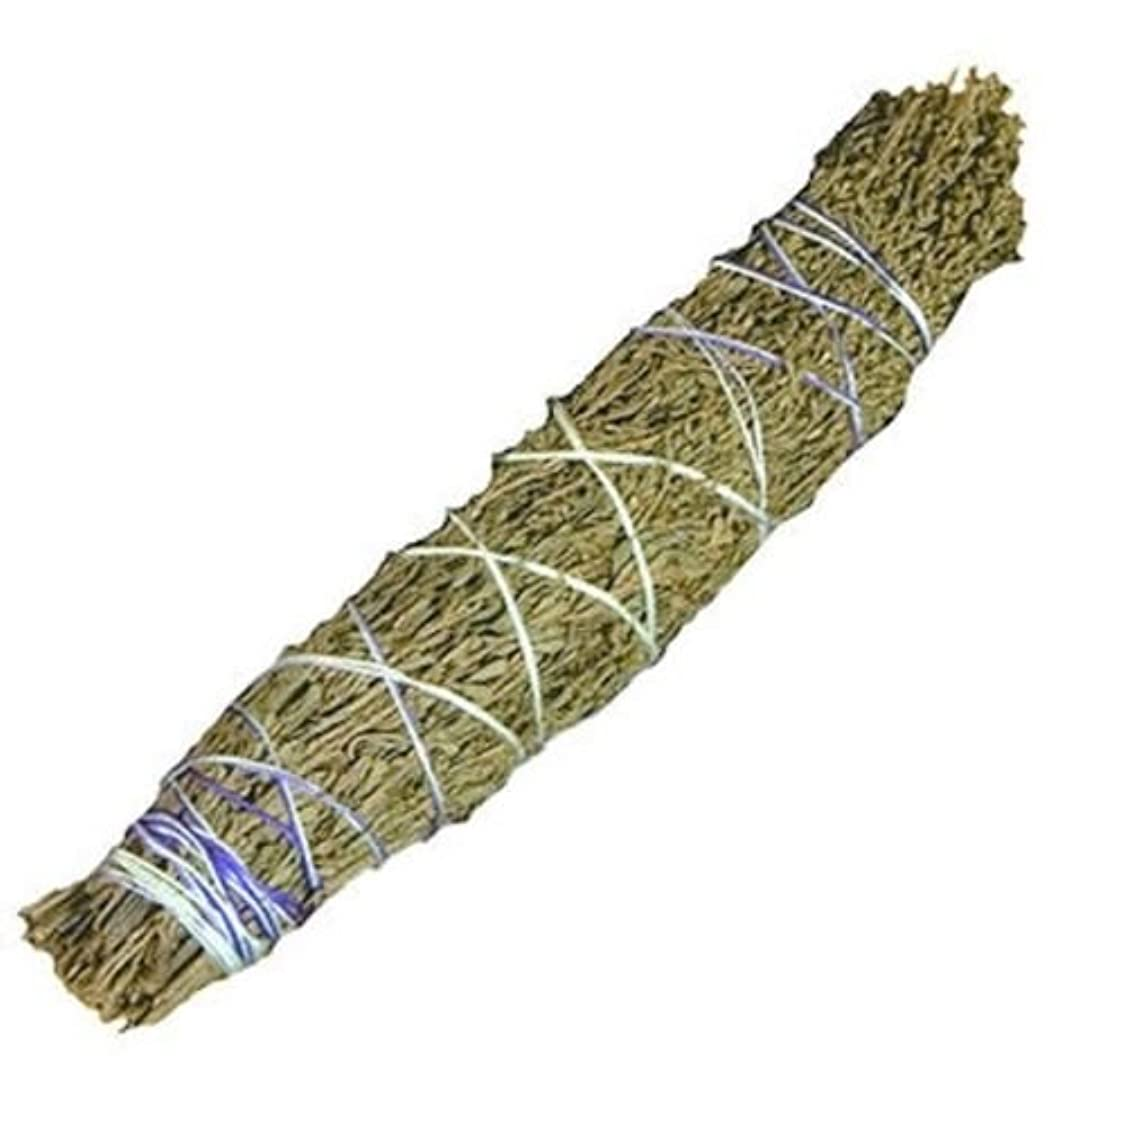 干渉する対抗モロニック2つSmudge sticks-ラベンダー&セージ、植物